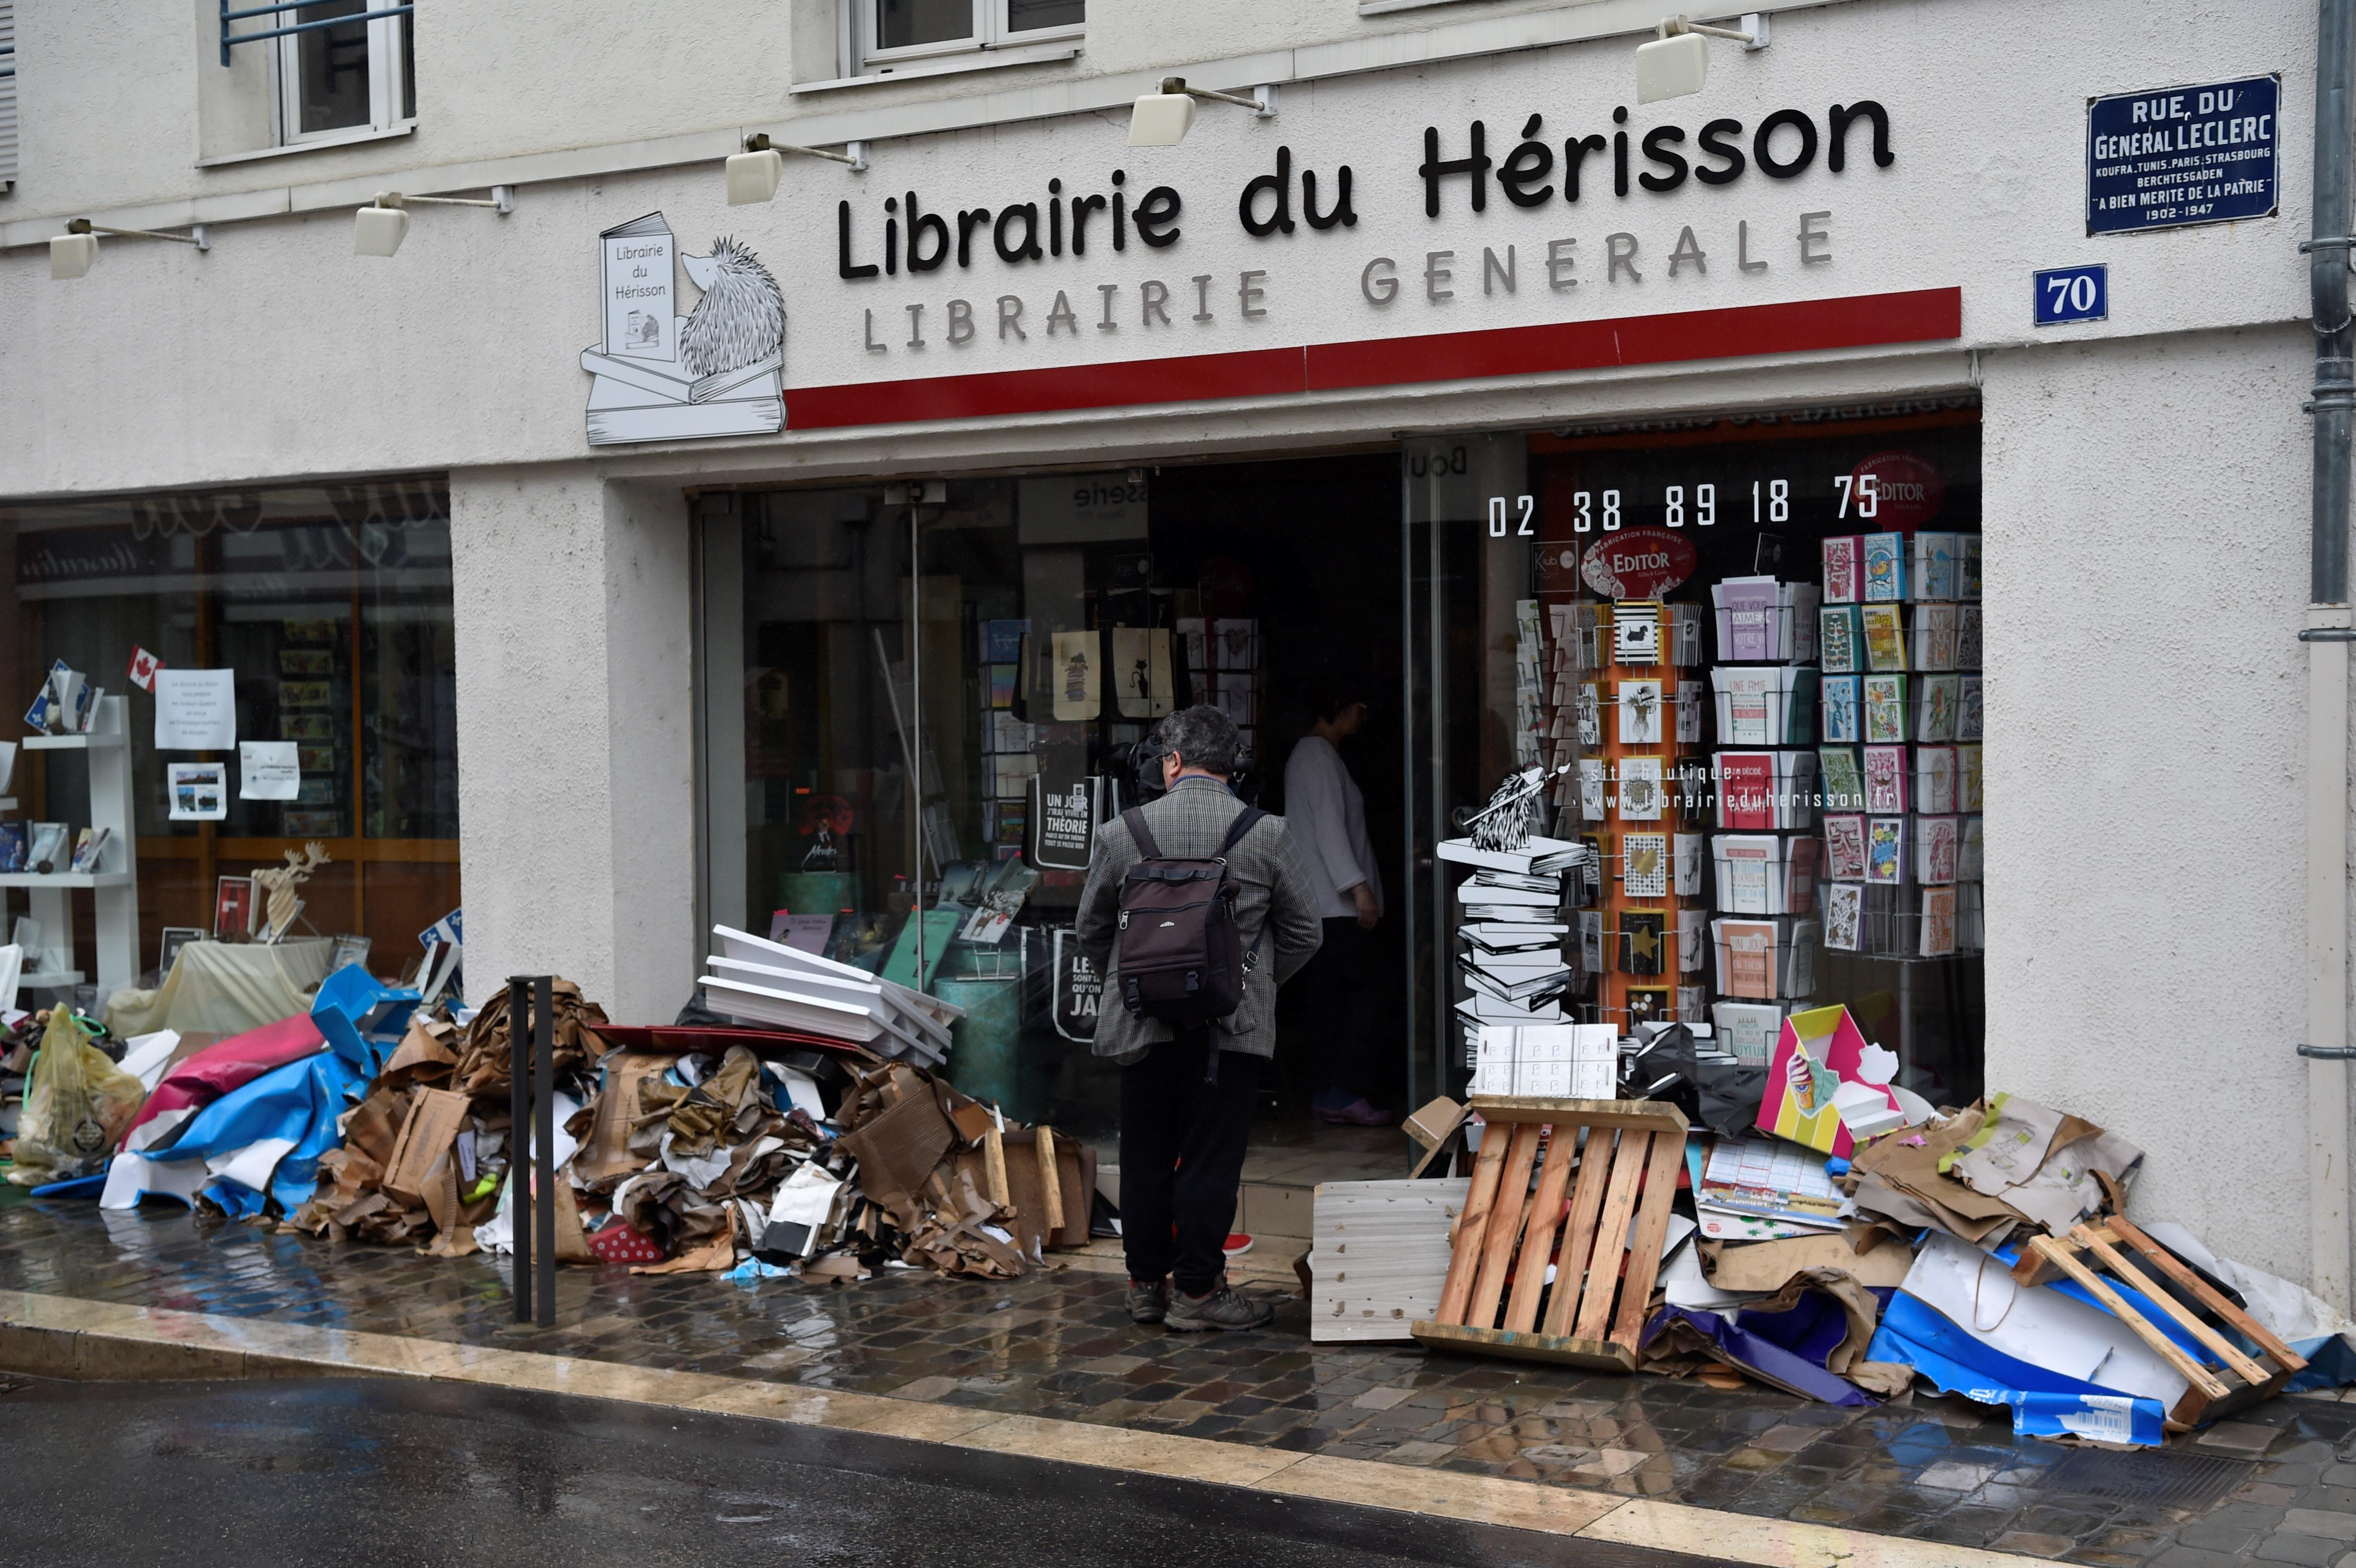 أضرار جراء الفيضانات الناجمة عن هطول أمطار غزيرة في مونتارجي، إلى الجنوب من باريس